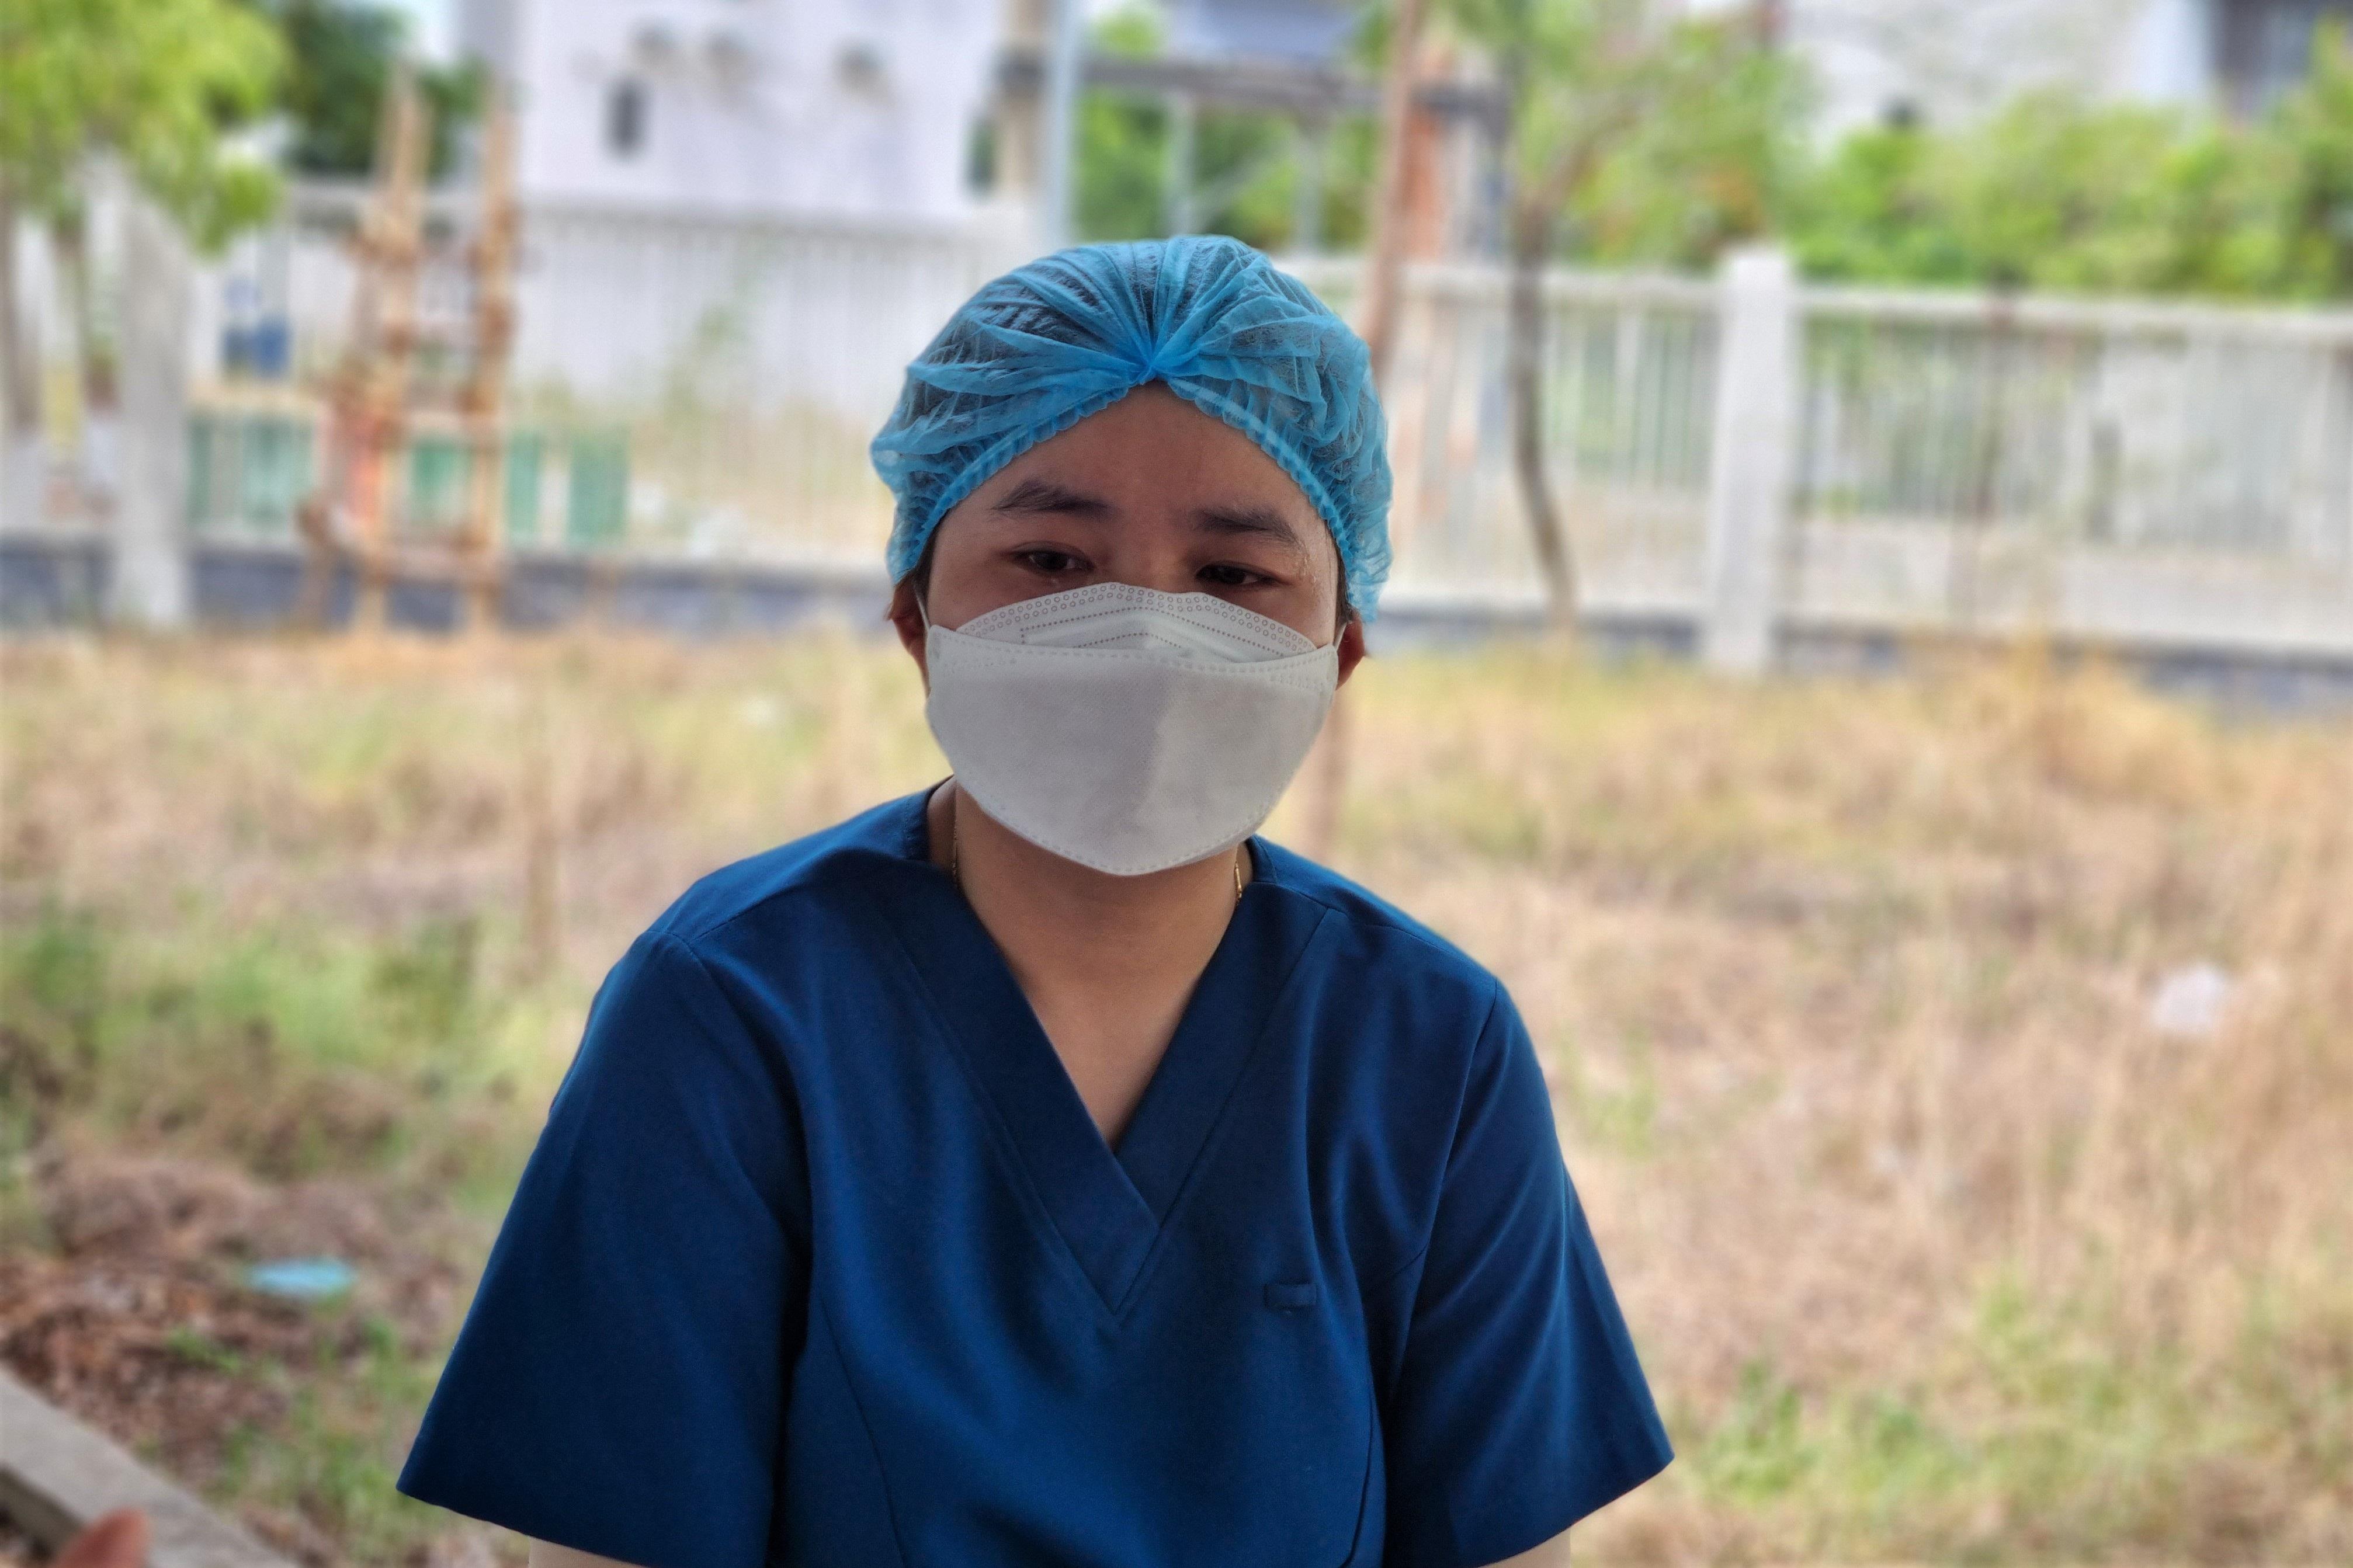 Vụ cán bộ Đà Nẵng tát nhân viên lấy mẫu xét nghiệm: Đề nghị xử lý nghiêm | Báo Dân trí